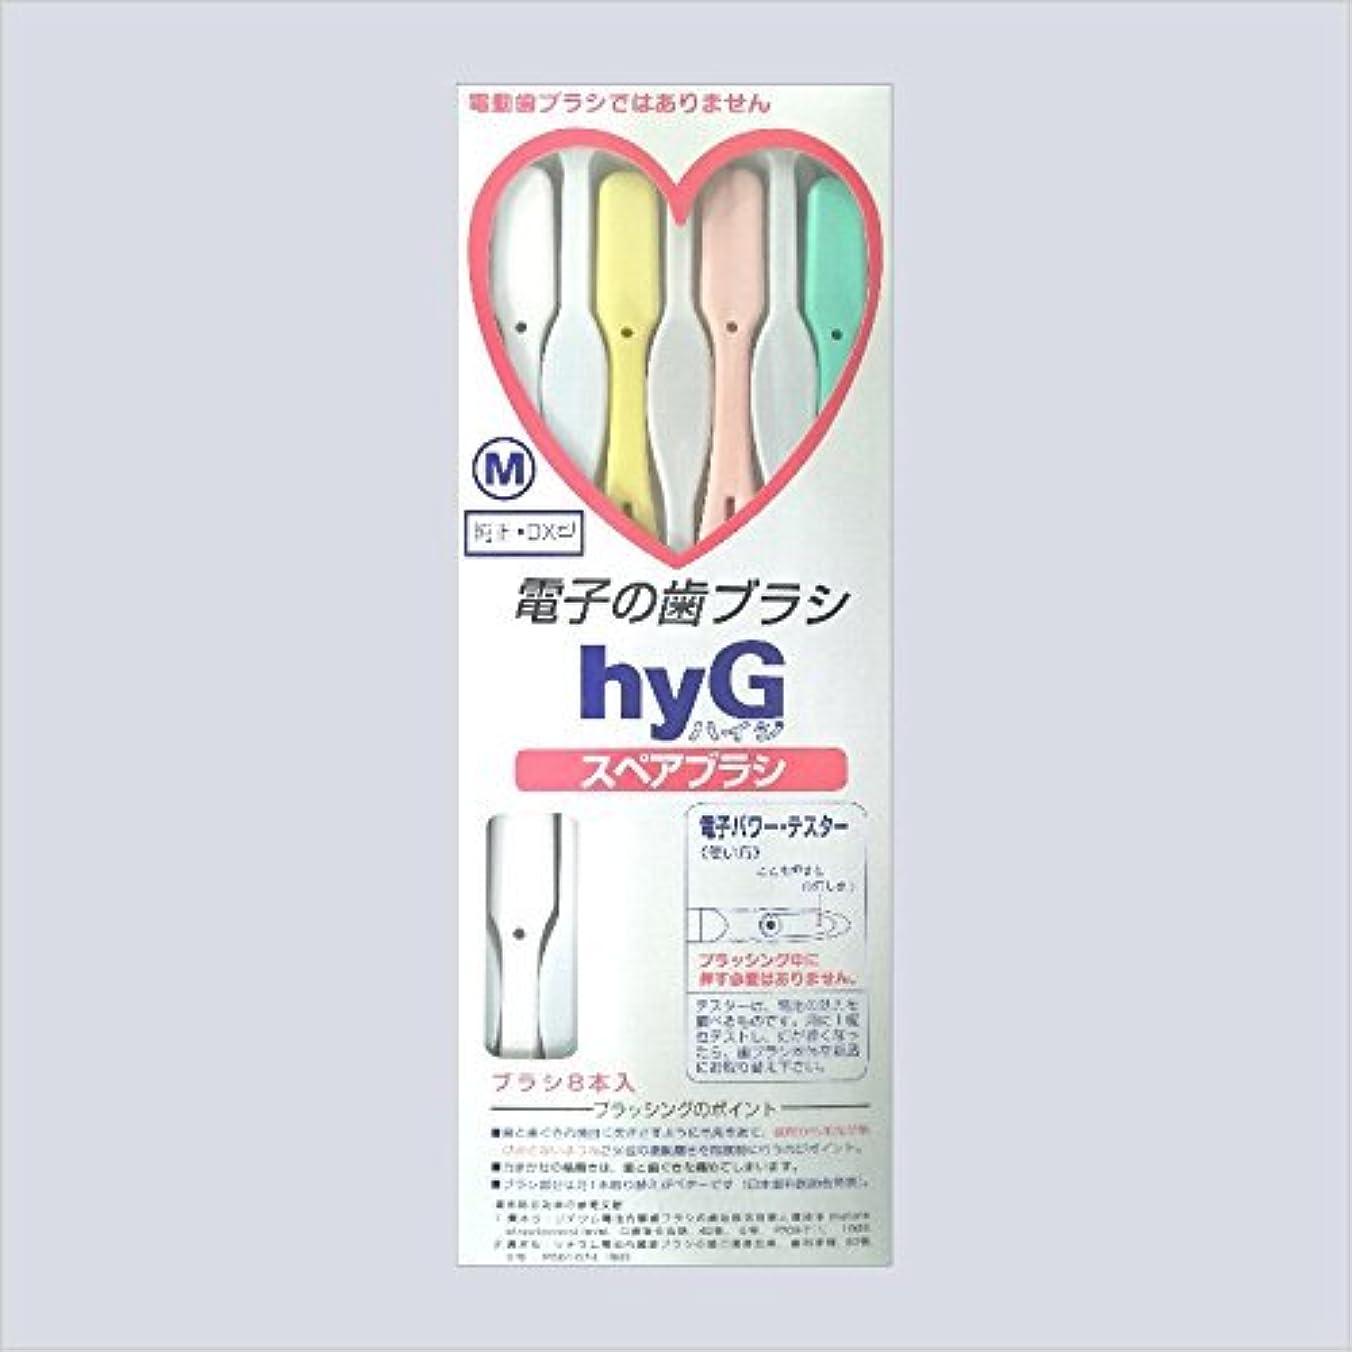 贈り物登る移行する電子の歯ブラシ ハイジ(hyG)?スペアブラシ <ブラシの硬さ:Mふつう> (※こちらは「スペアブラシ」です )?hyG-DX型